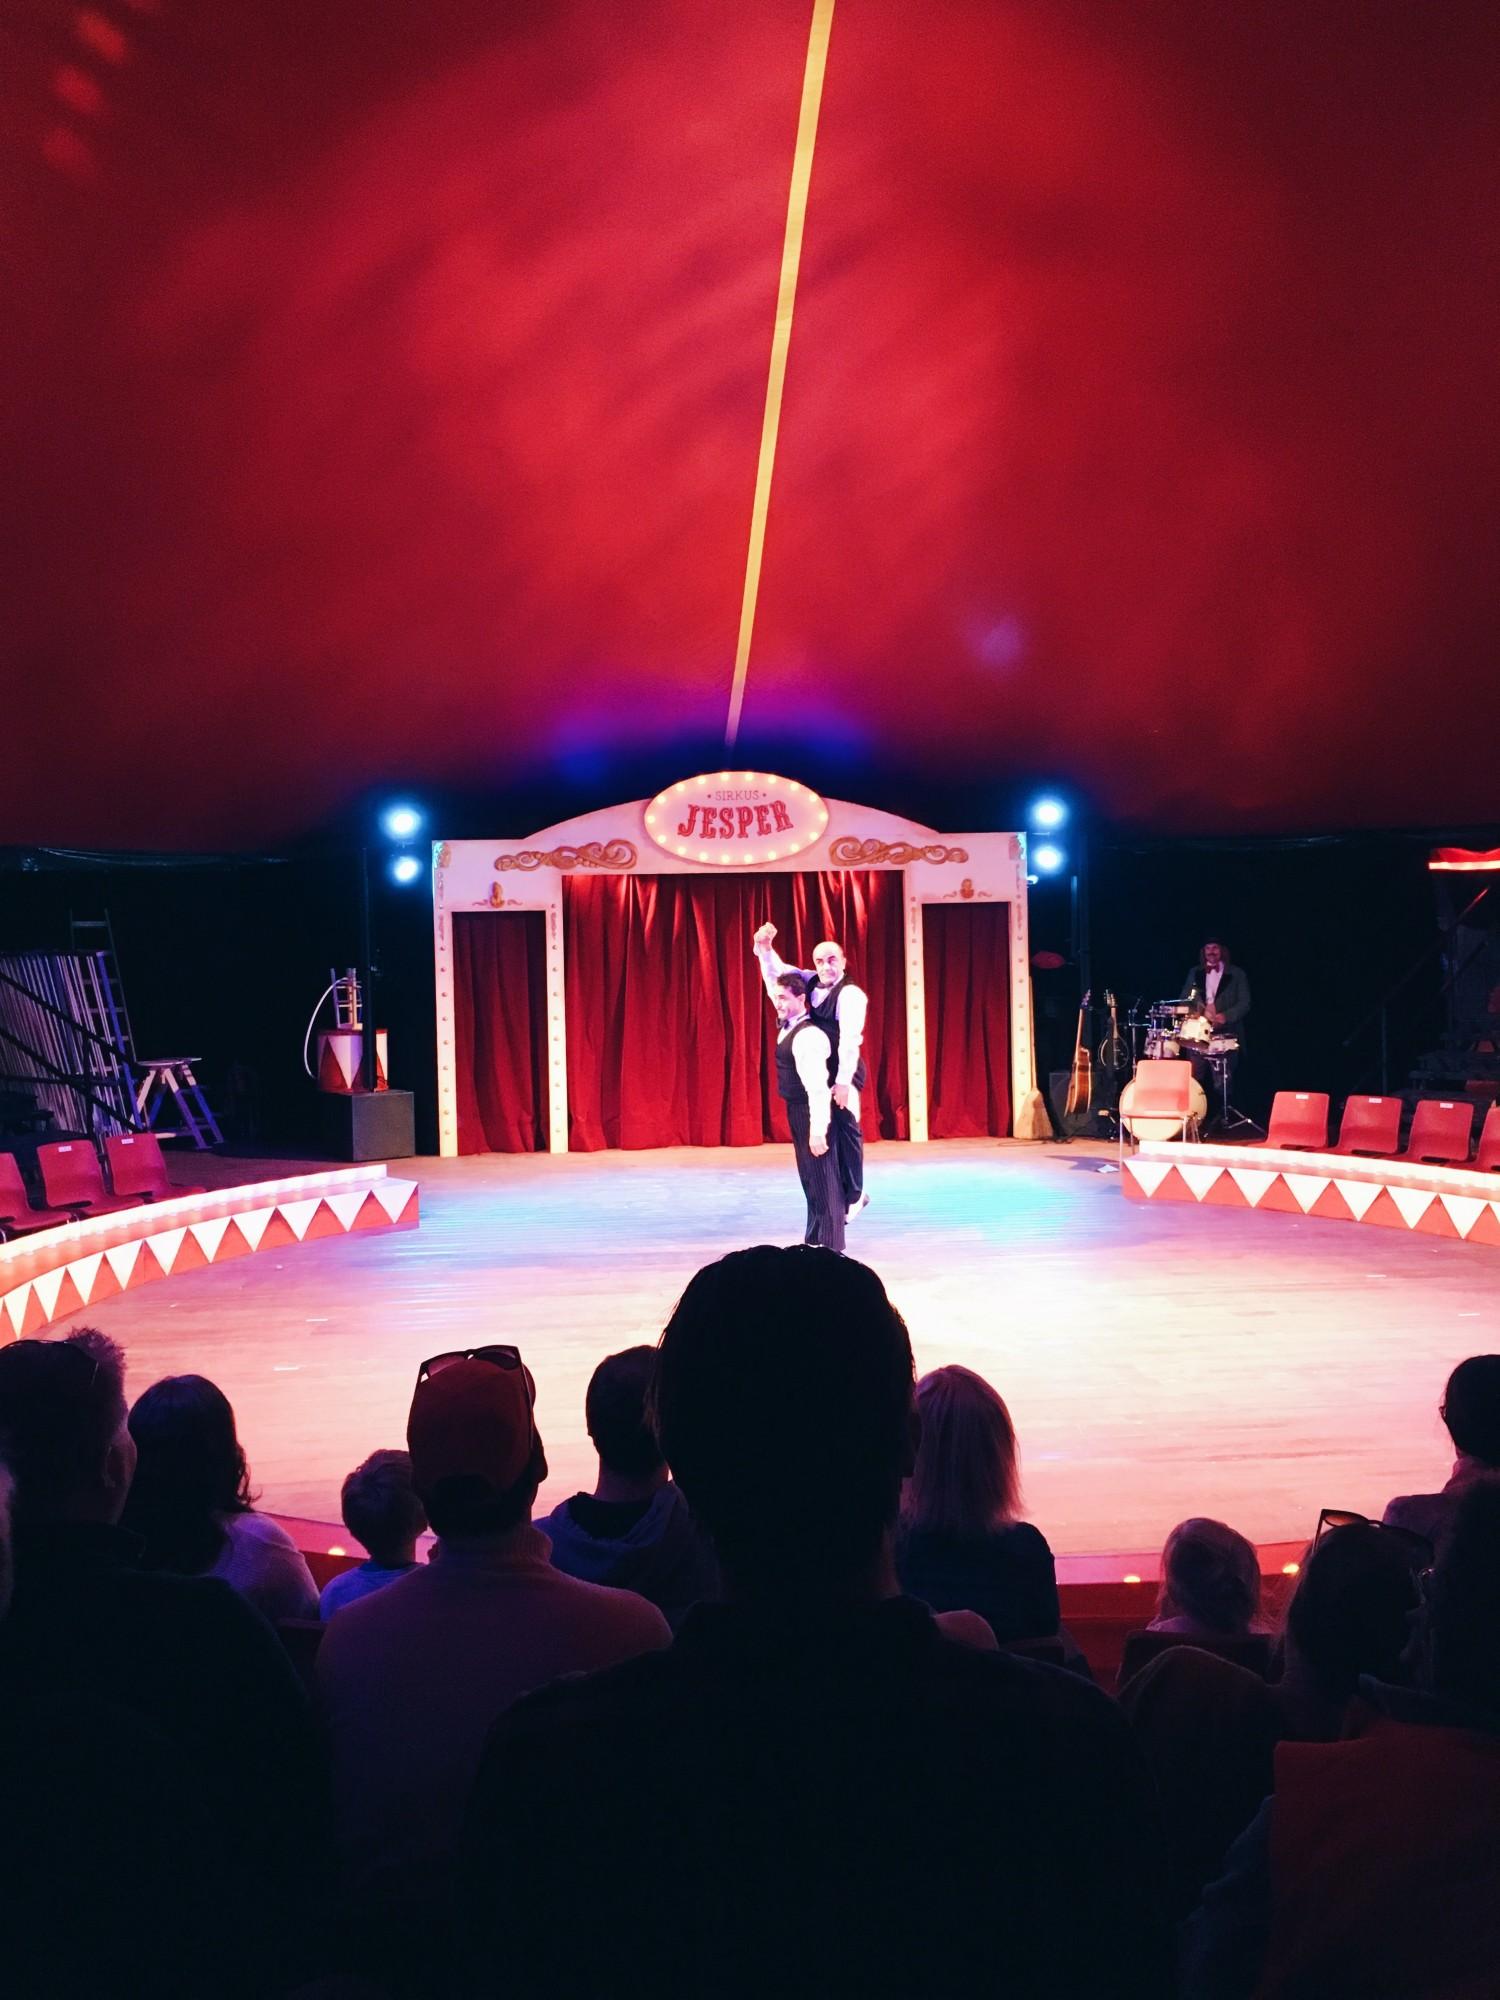 cirkus jesper